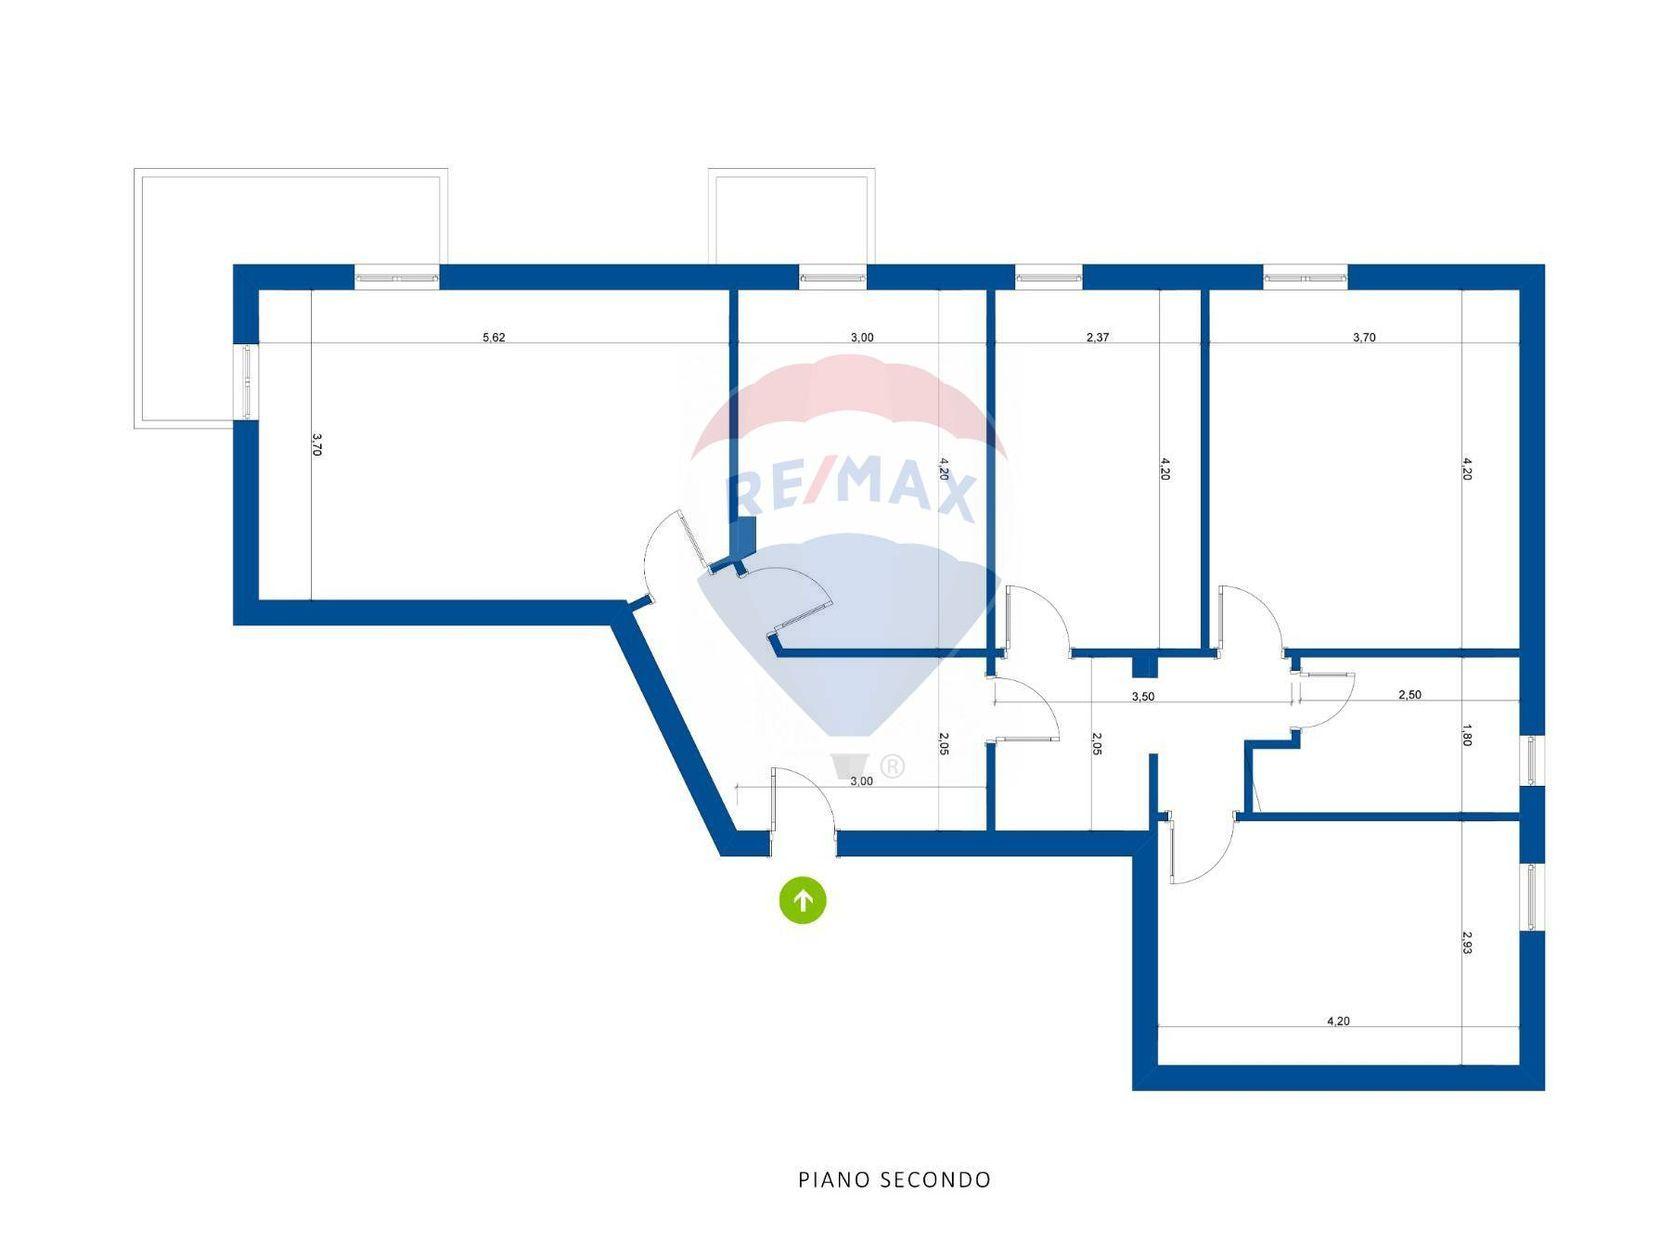 Appartamento Guizza, Padova, PD Vendita - Planimetria 1